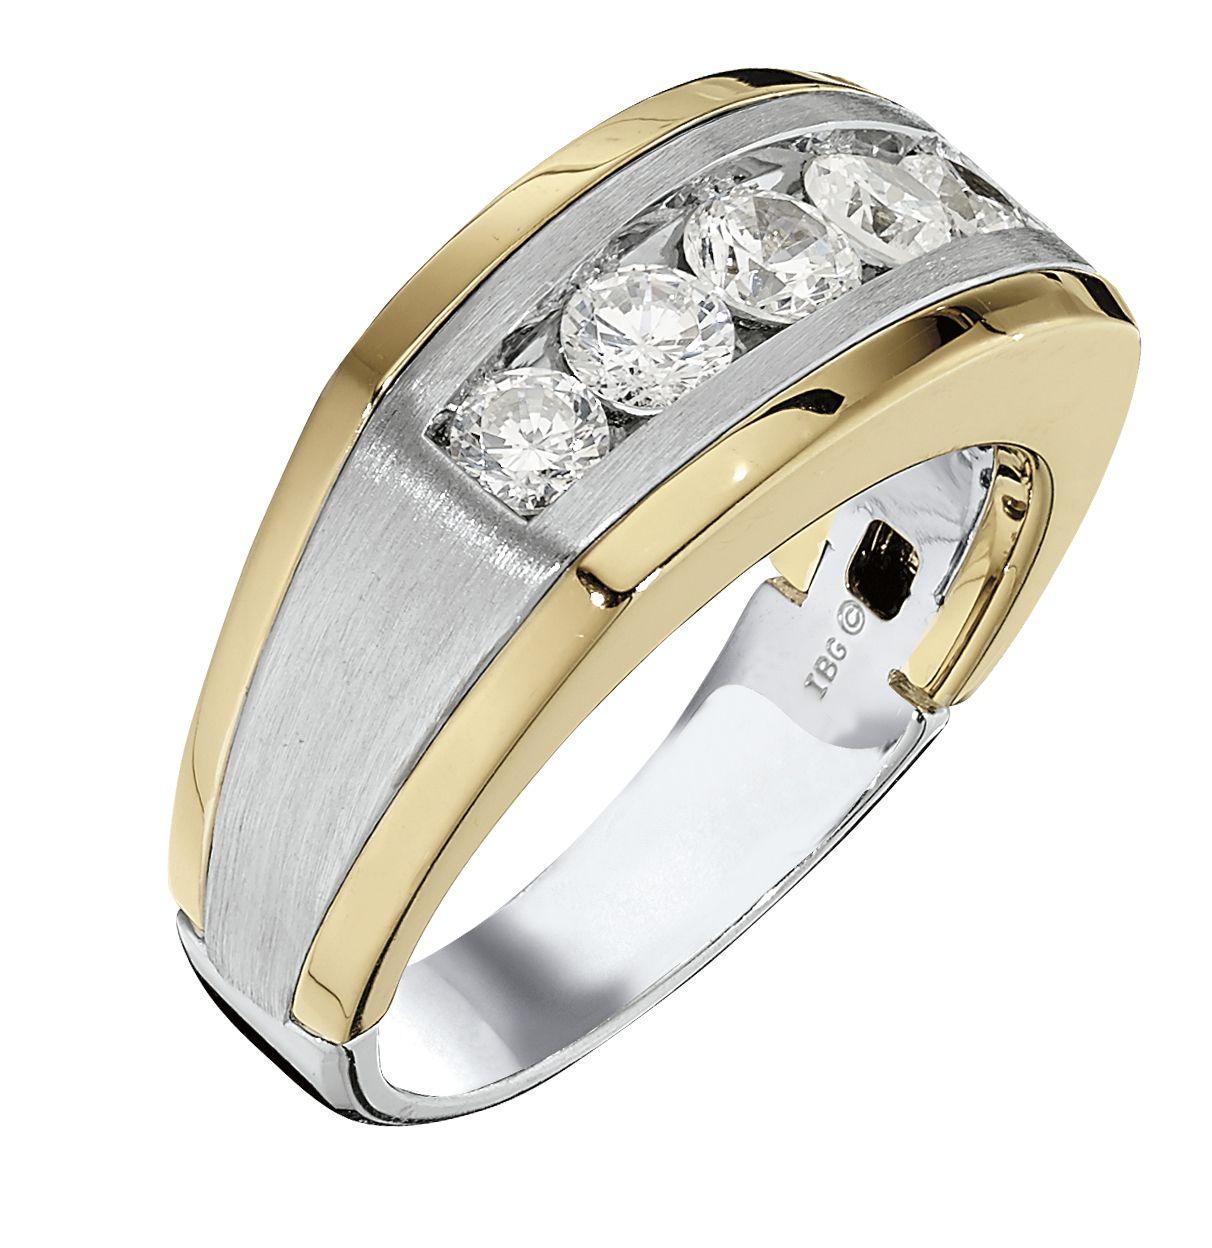 Mens Diamond Ring From IBGoodman For More Information Visit Ibgoodman